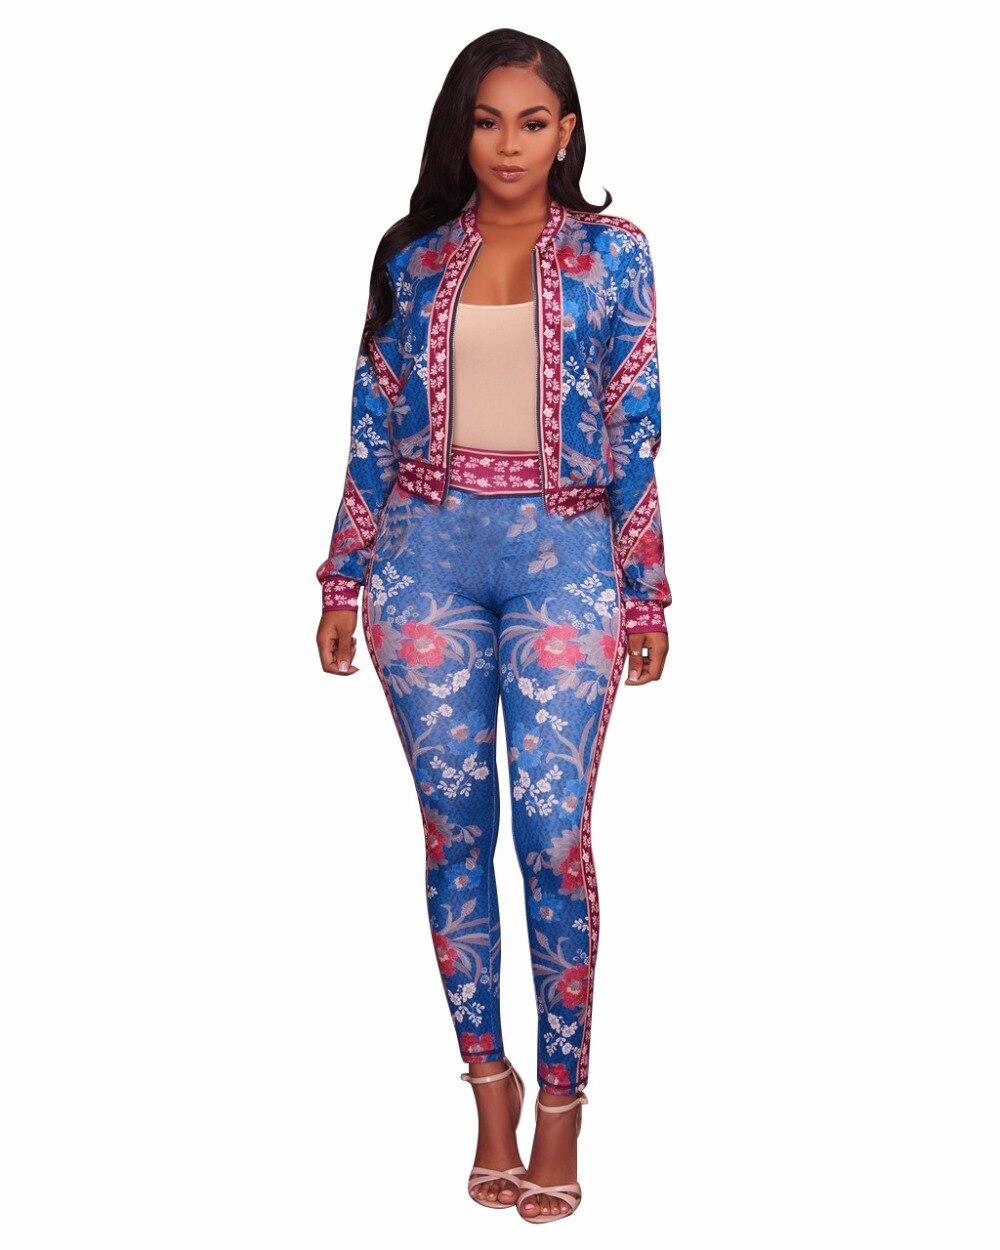 Vintage Floral Print Zipper Up Long Coveralls Women Jacket Top Full Length Pant 2 Piece Set Jumpsuit Plus Size Skinny Romper 3XL